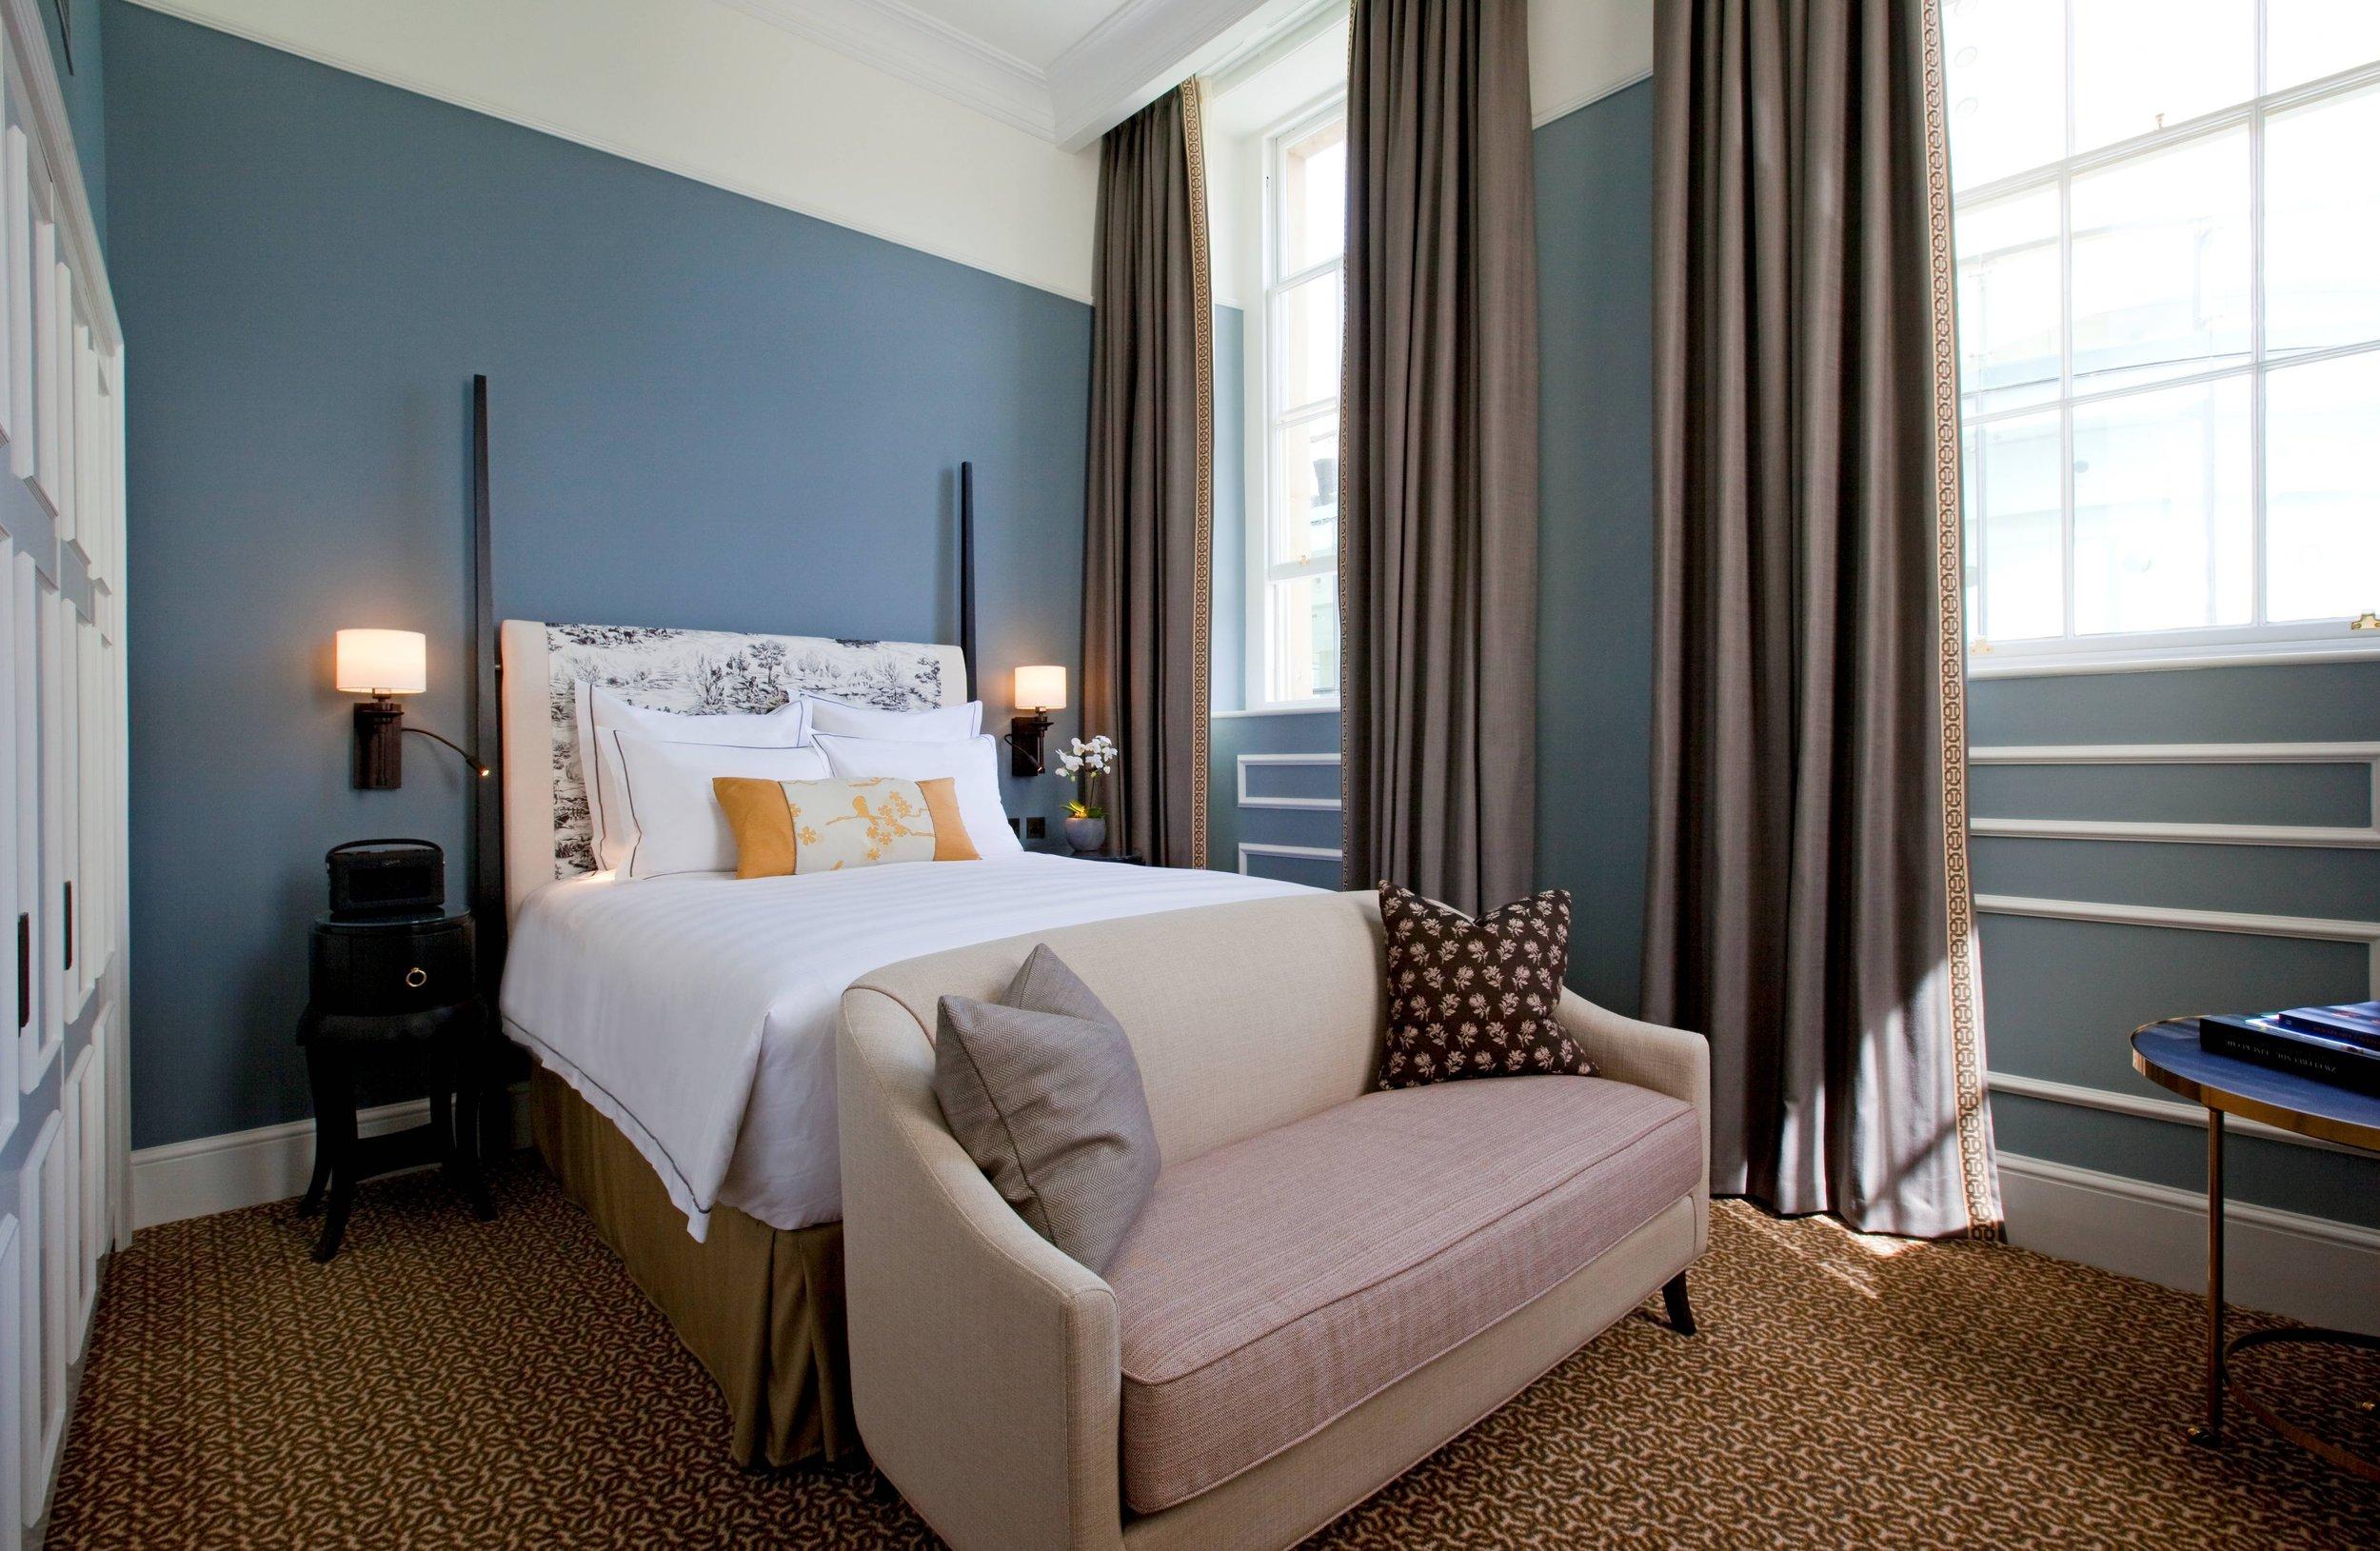 6 - Guest room.jpg